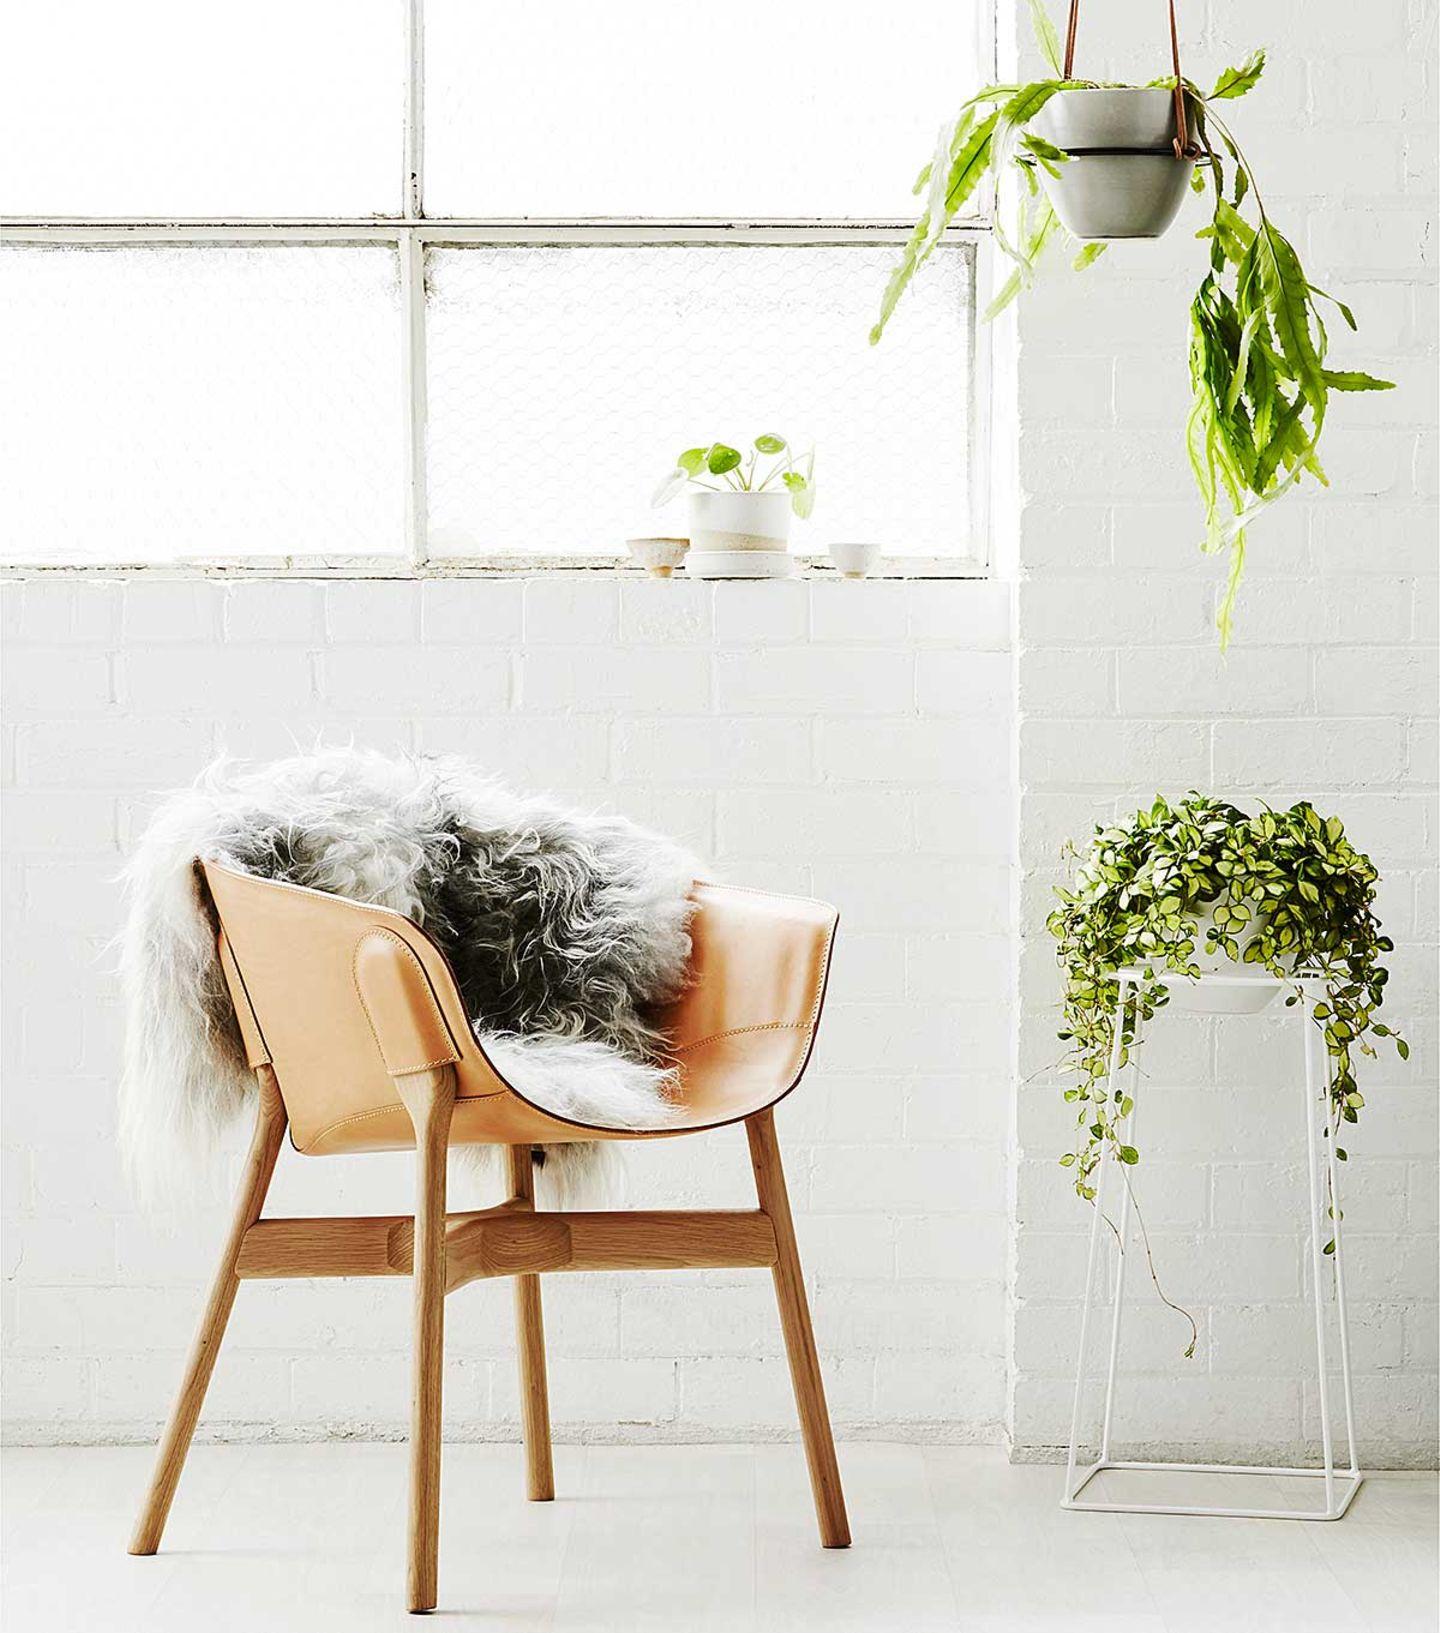 Wohnen mit Zimmerpflanzen, Pflanzgefäße von Ivy Muse